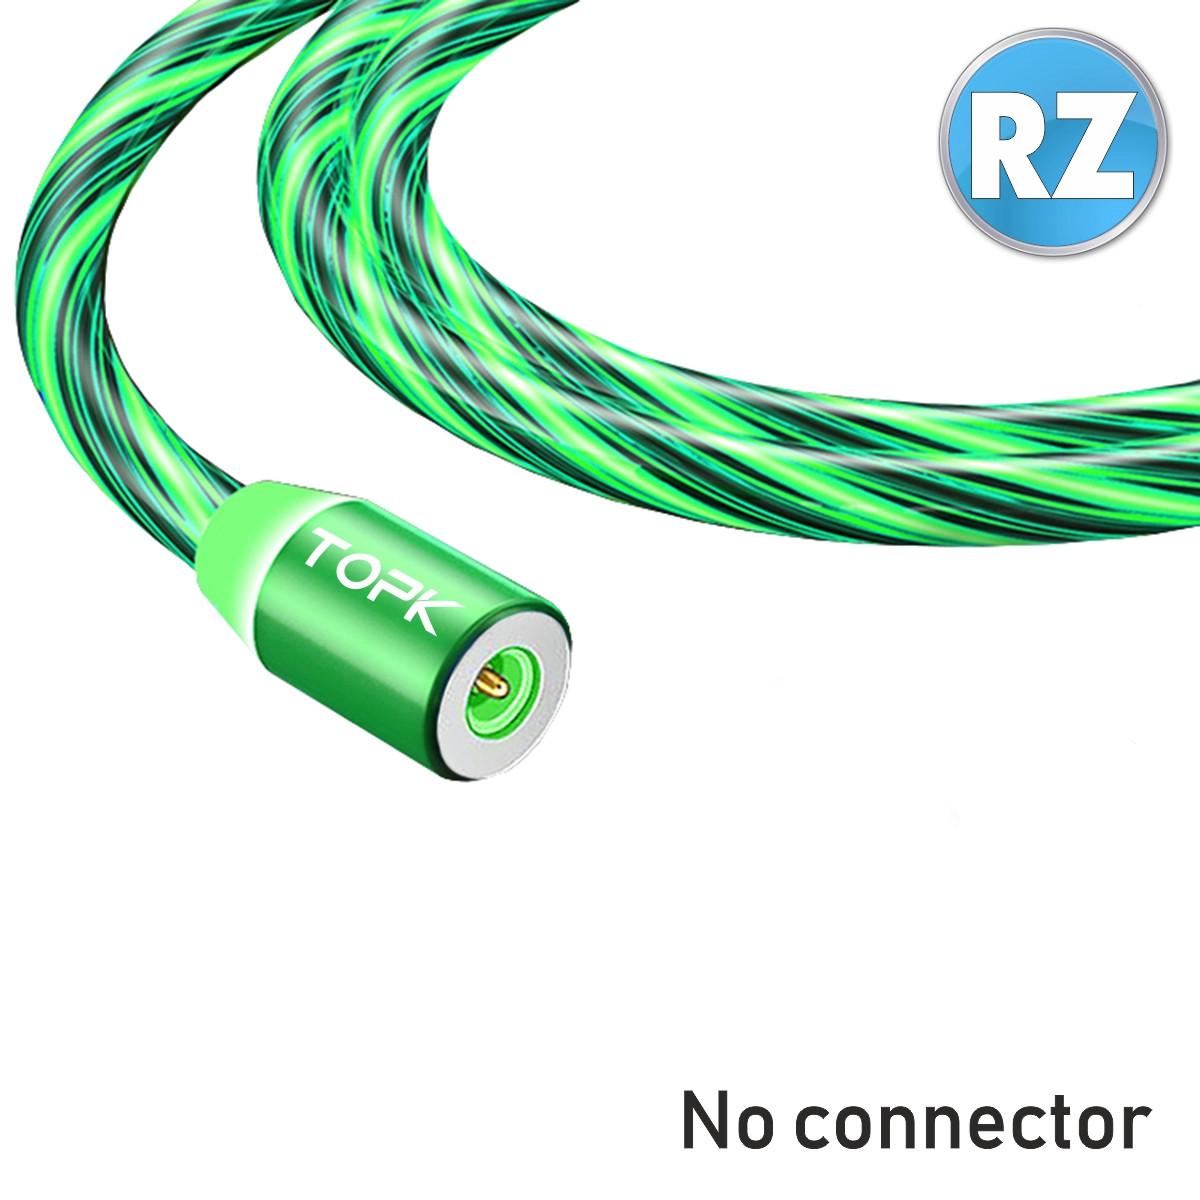 Магнитный кабель TOPK без коннектора (RZ) для зарядки (100 см) Green